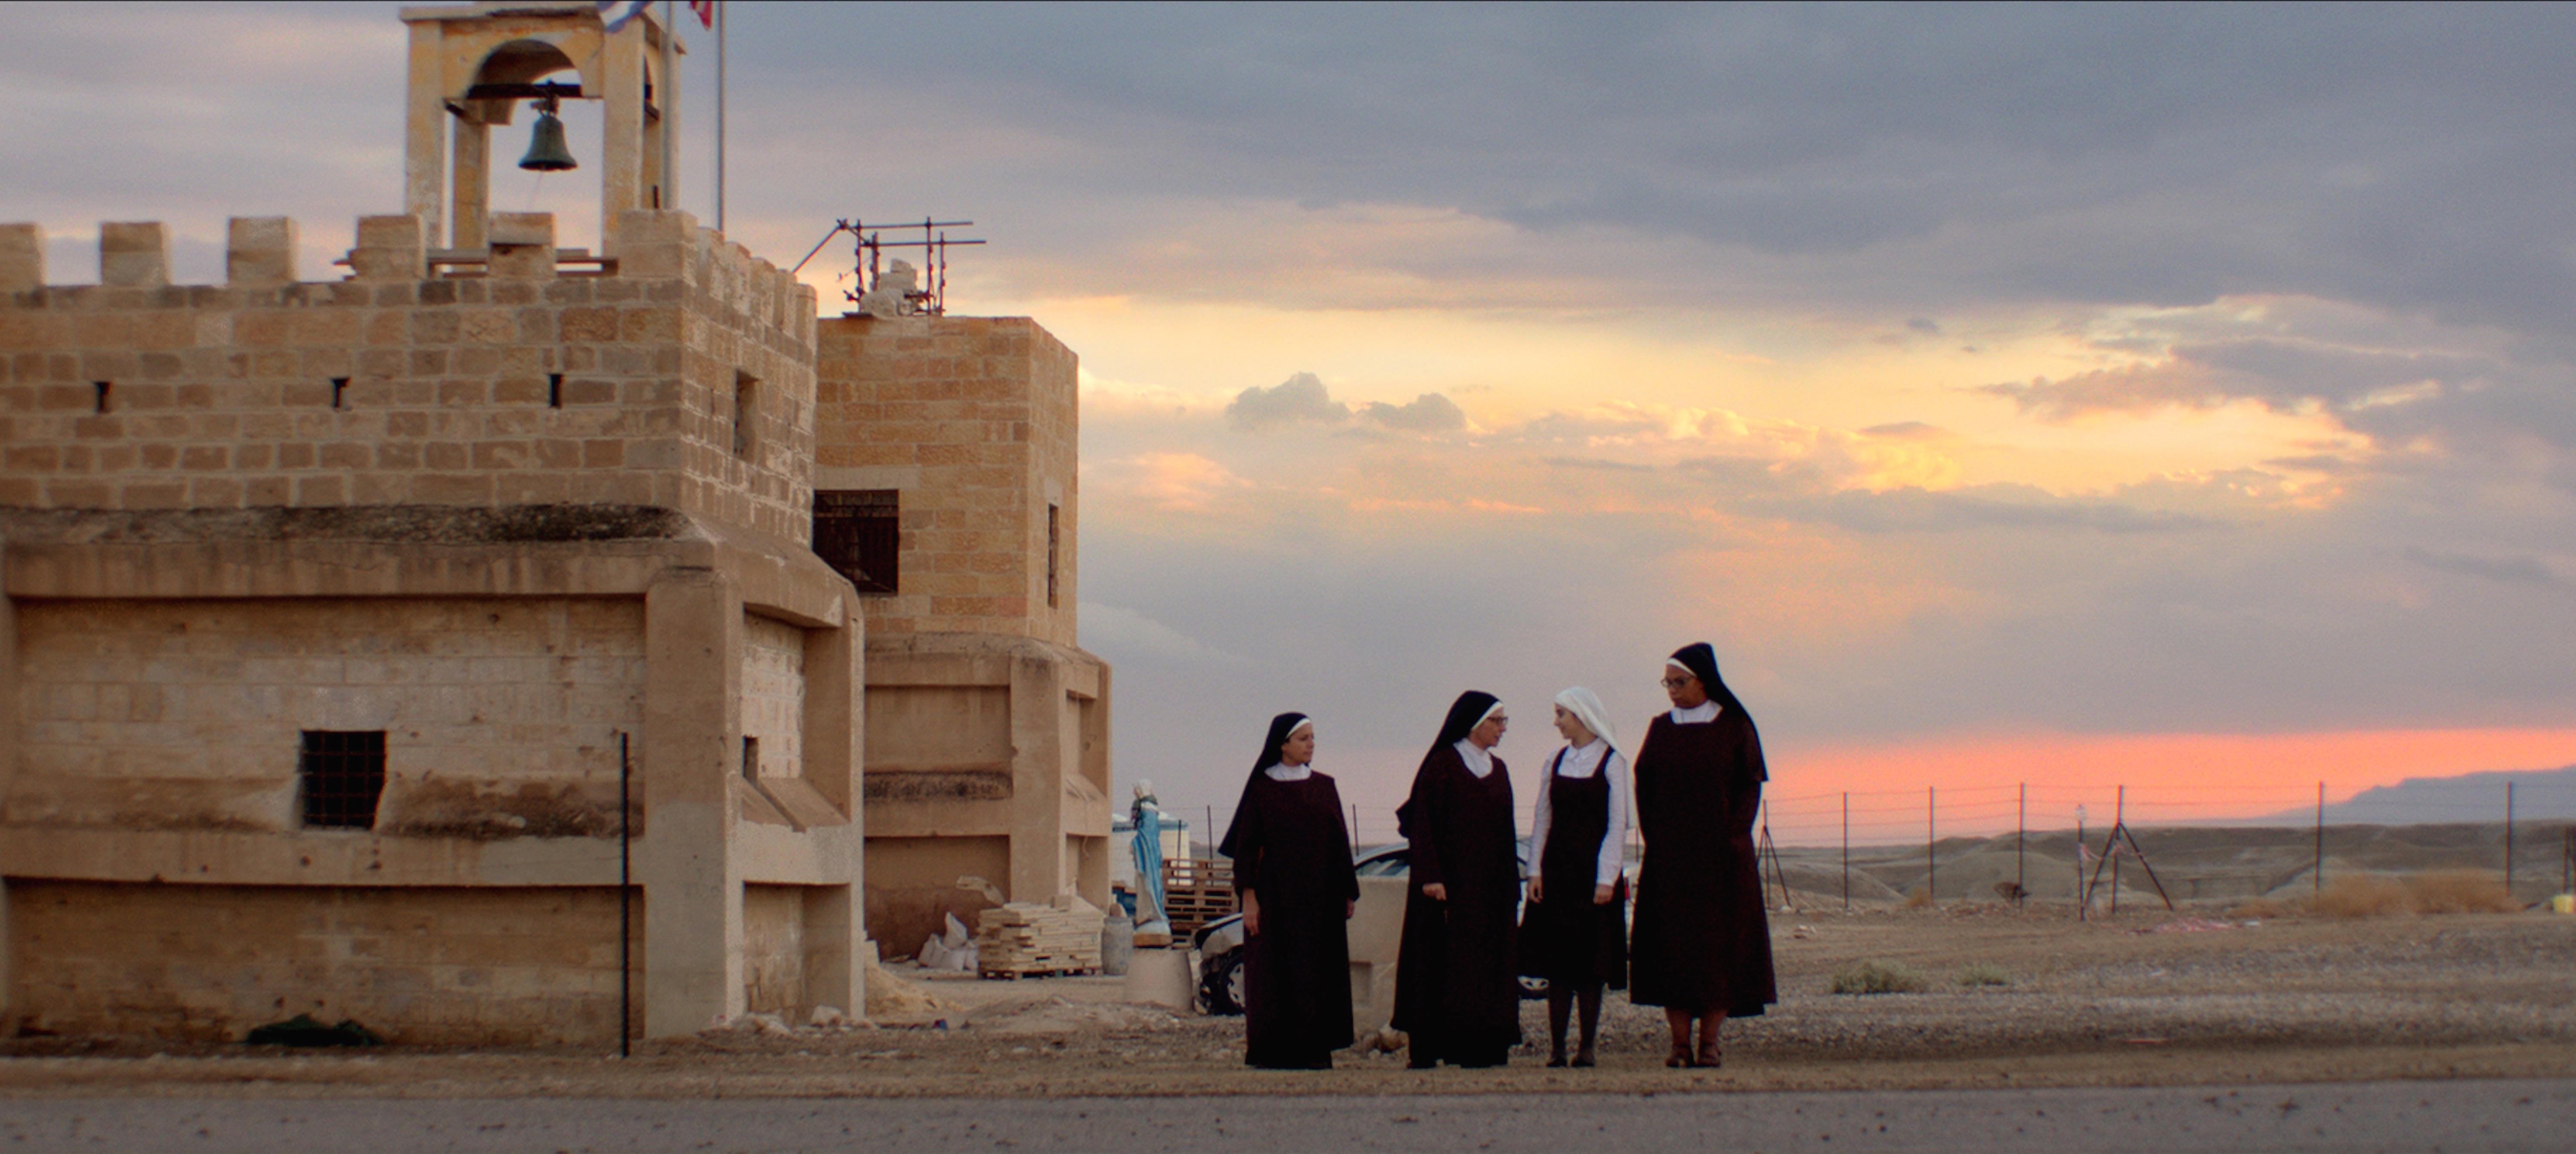 image du film Ave Maria